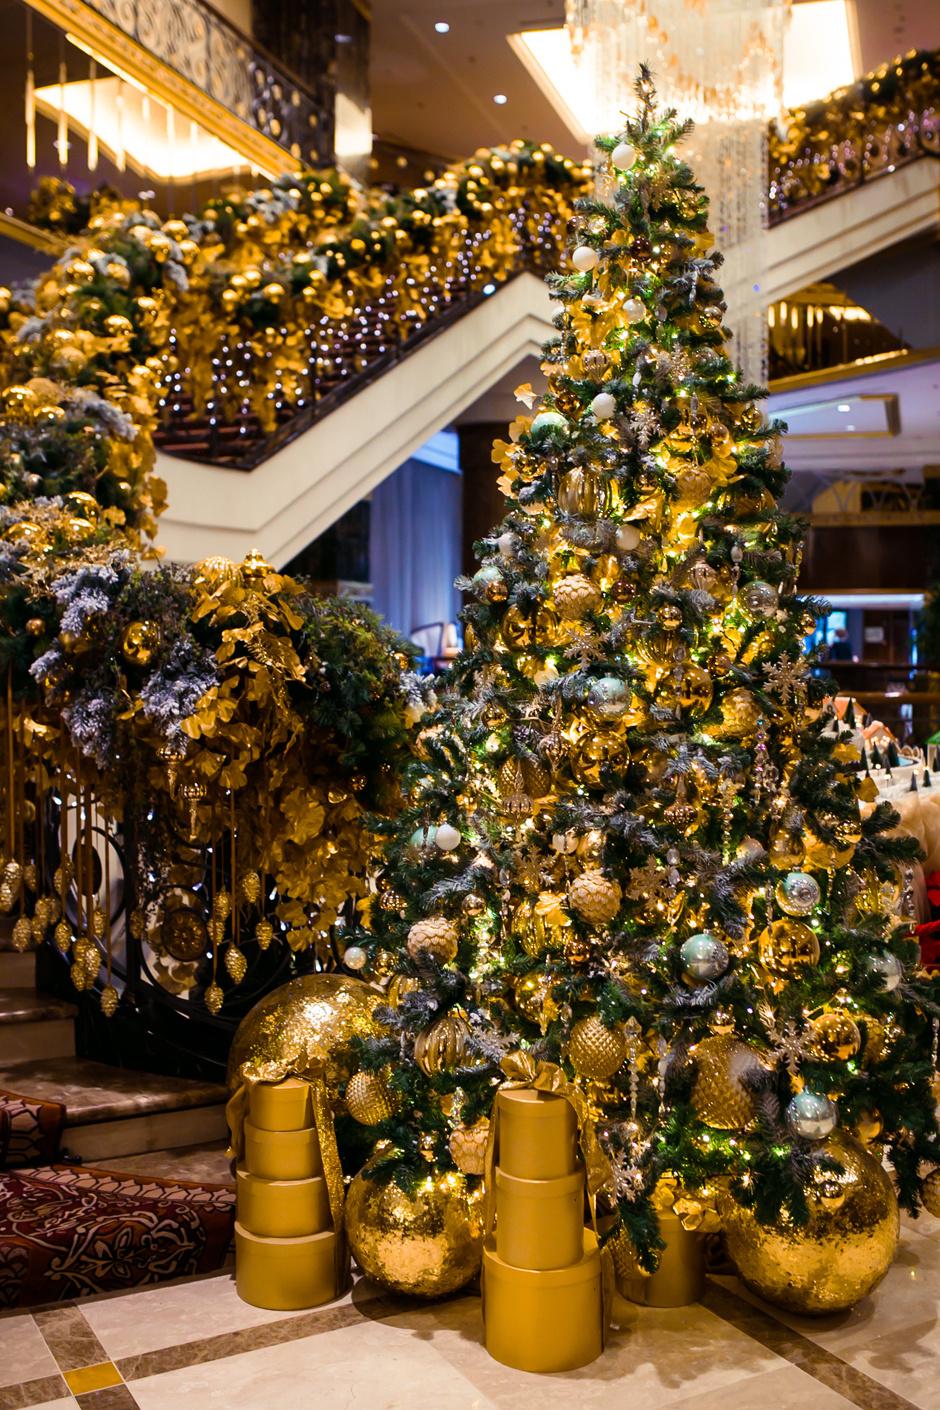 deffb1e6947a Самые красивые новогодние елки в мире   Путешествия на www.elle.ru